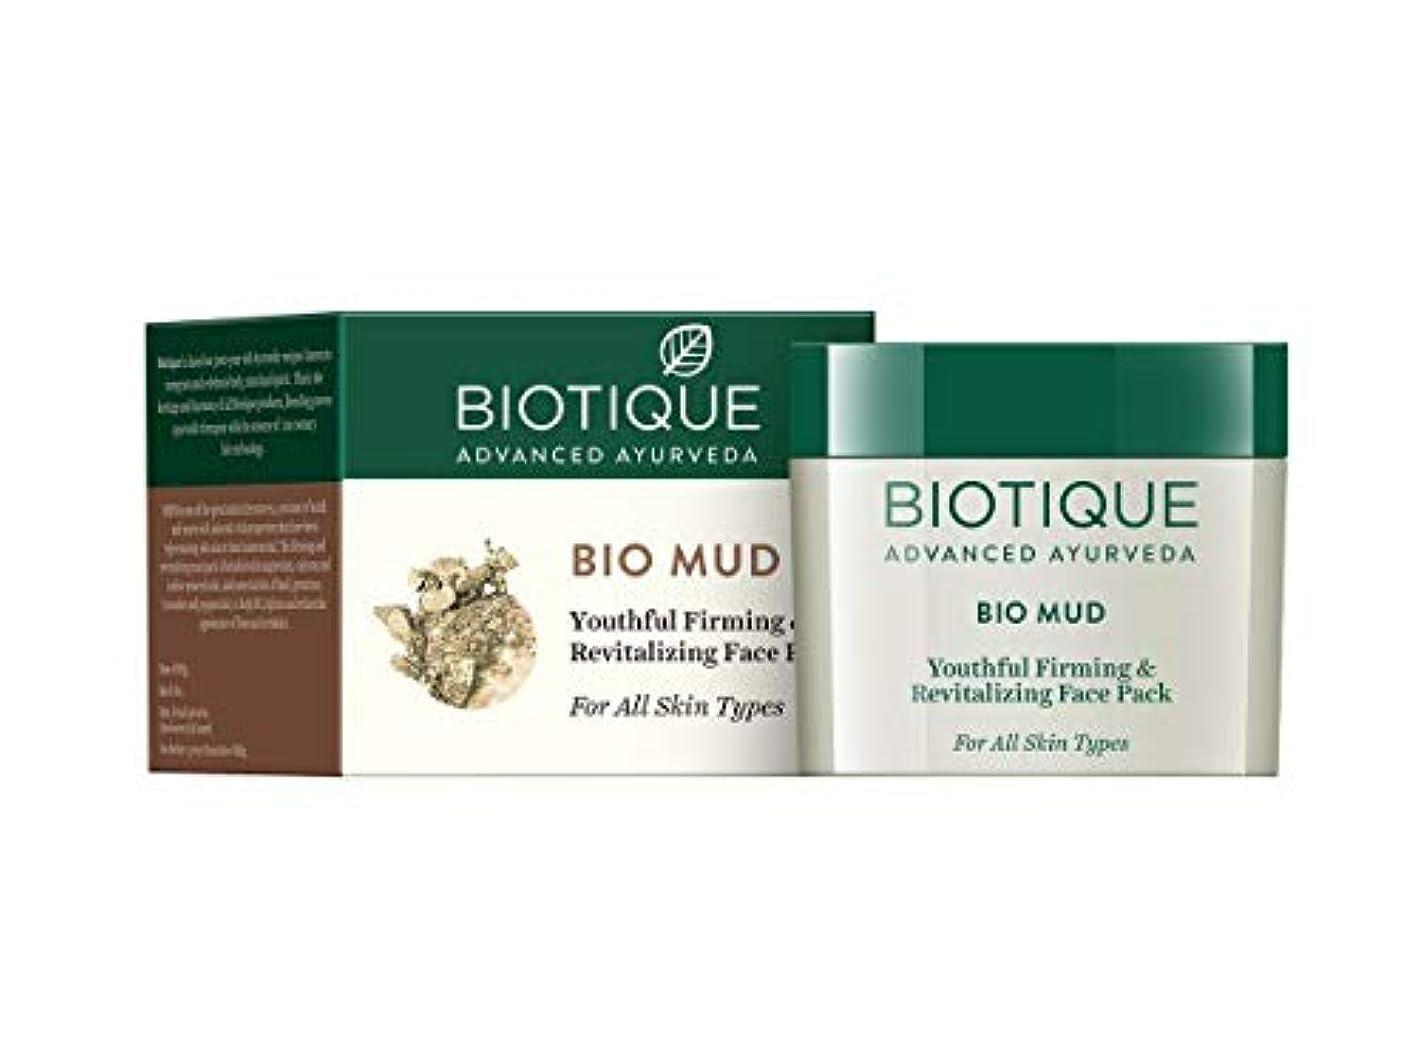 入植者ヘルパー銃Biotique Mud Youthful Firming & Revitalizing Face Pack For All Skin Types 75 gm すべての肌タイプのためのBiotique泥若々しい引き締めと...